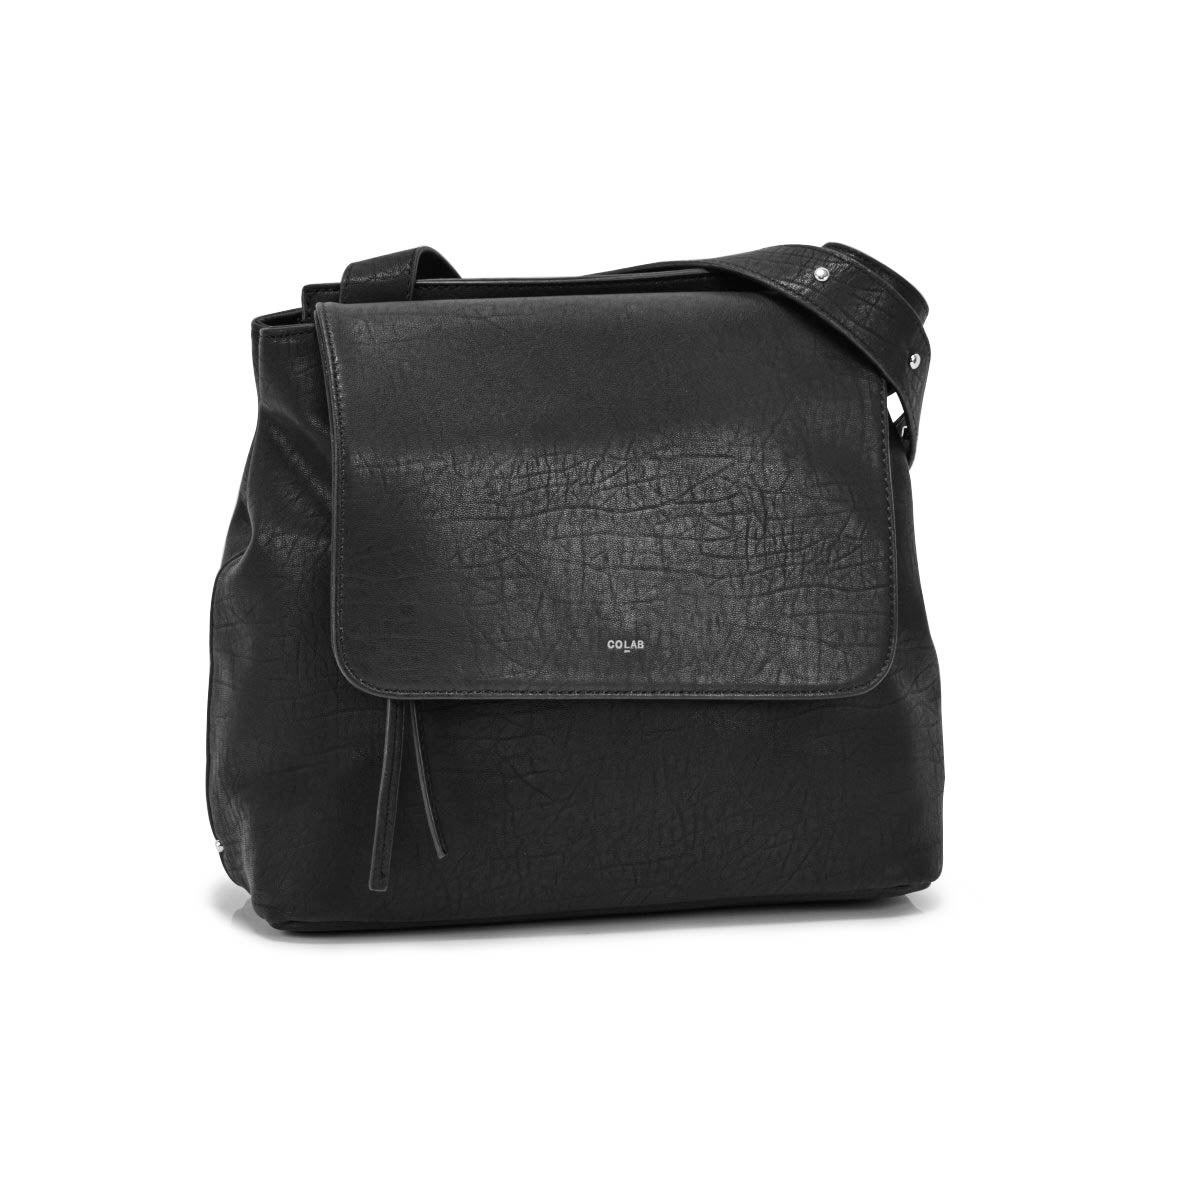 Lds black front flap shoulder bag